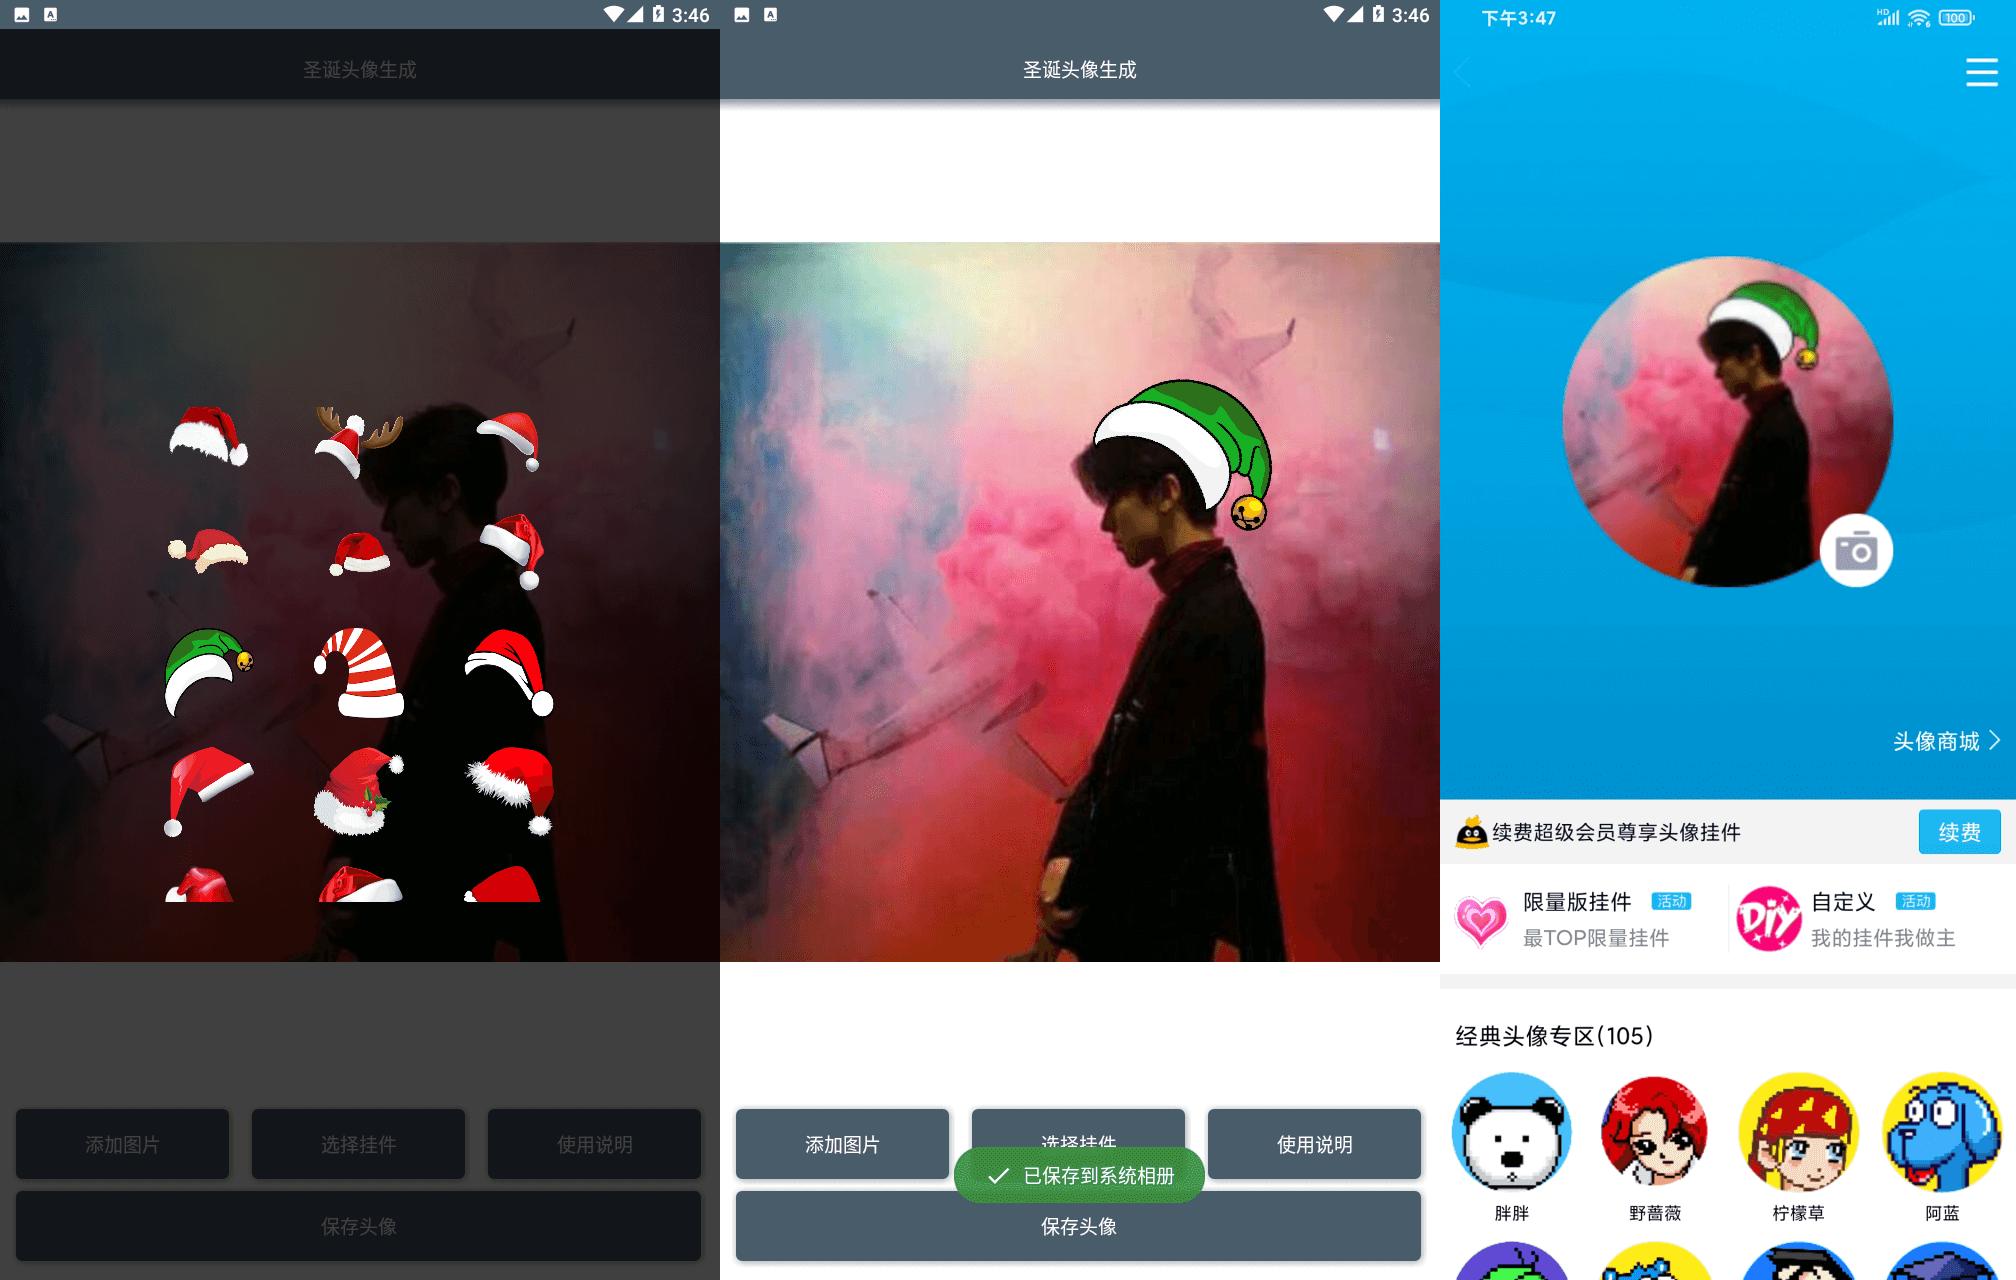 圣诞头像生成v1.0(2021年新)